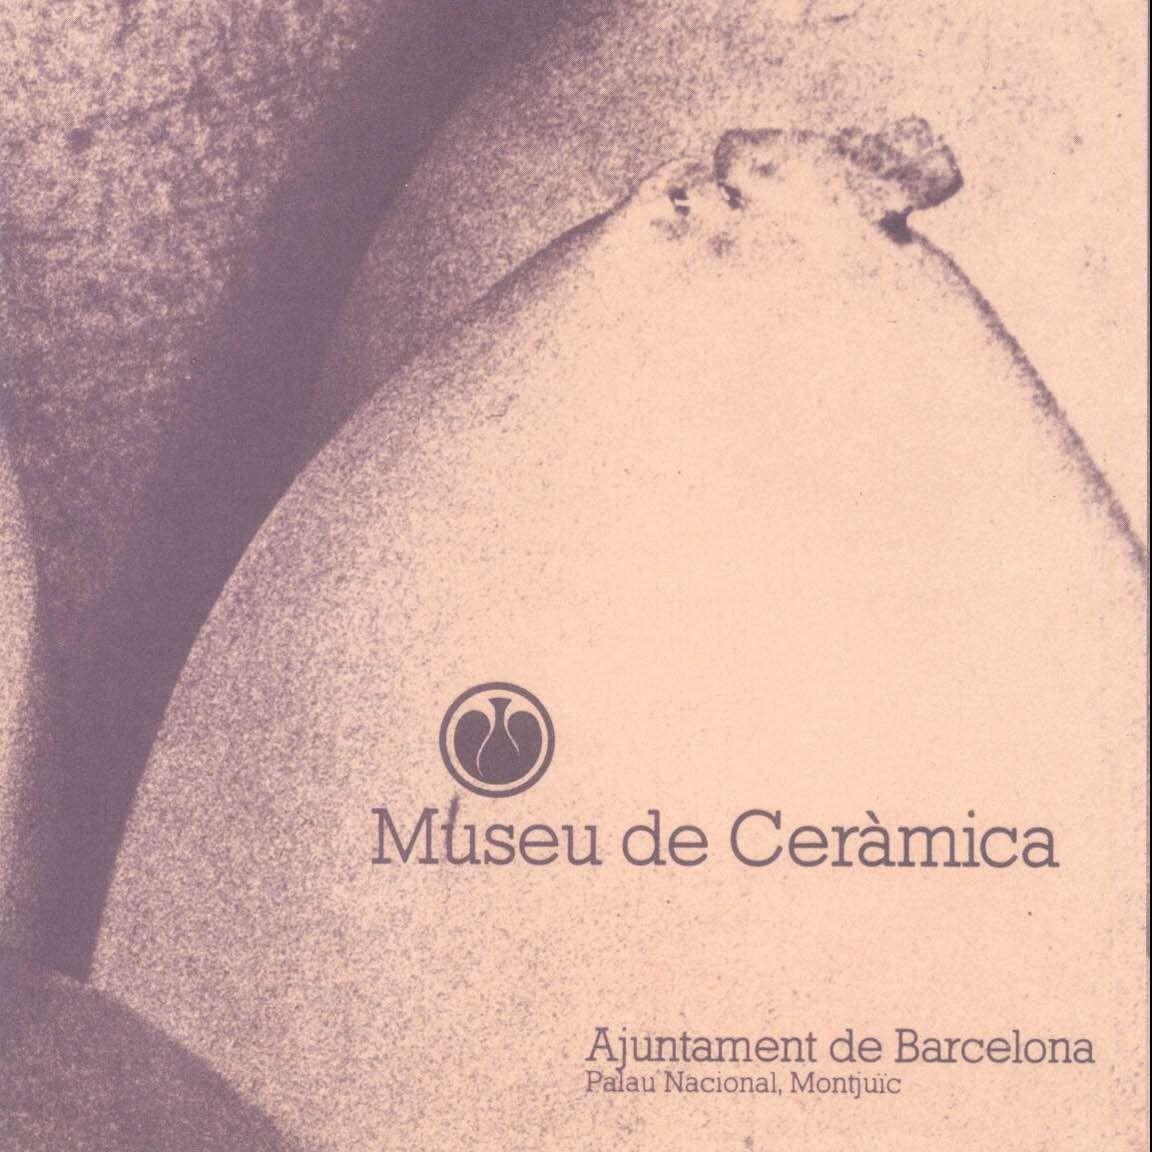 Catalogue – 1980 -1981 Museu de Ceramica